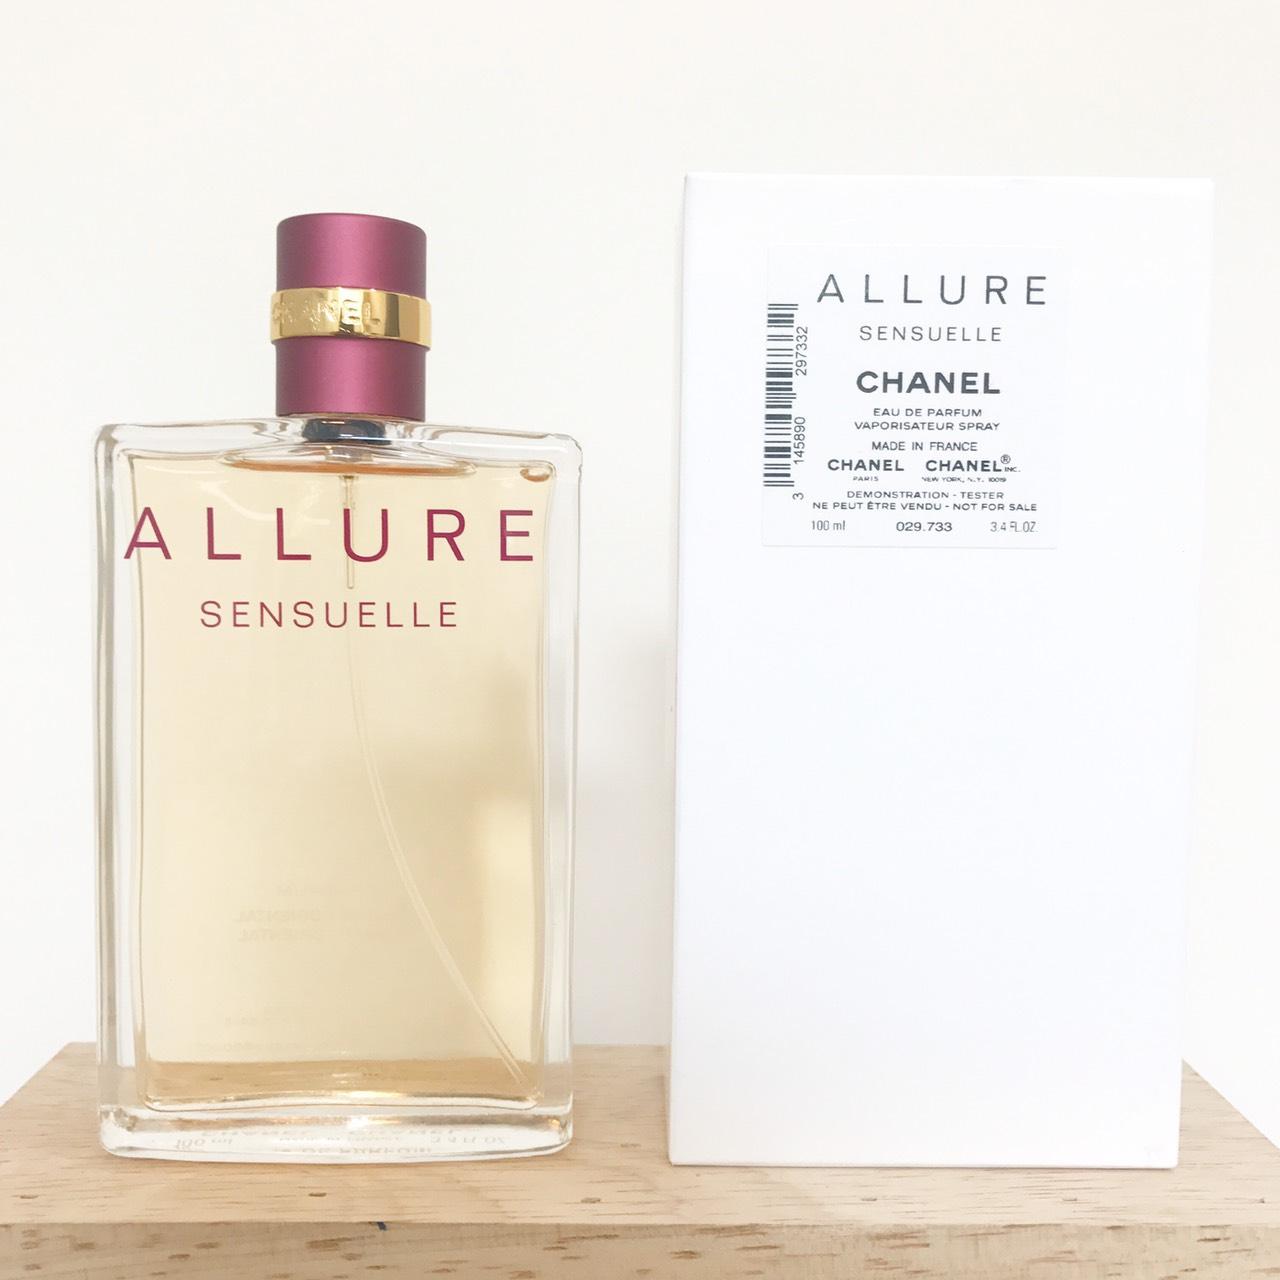 น้ำหอม (กล่องเทสเตอร์) Chanel Allure Sensulle EDP 100ml. ของแท้ 100%